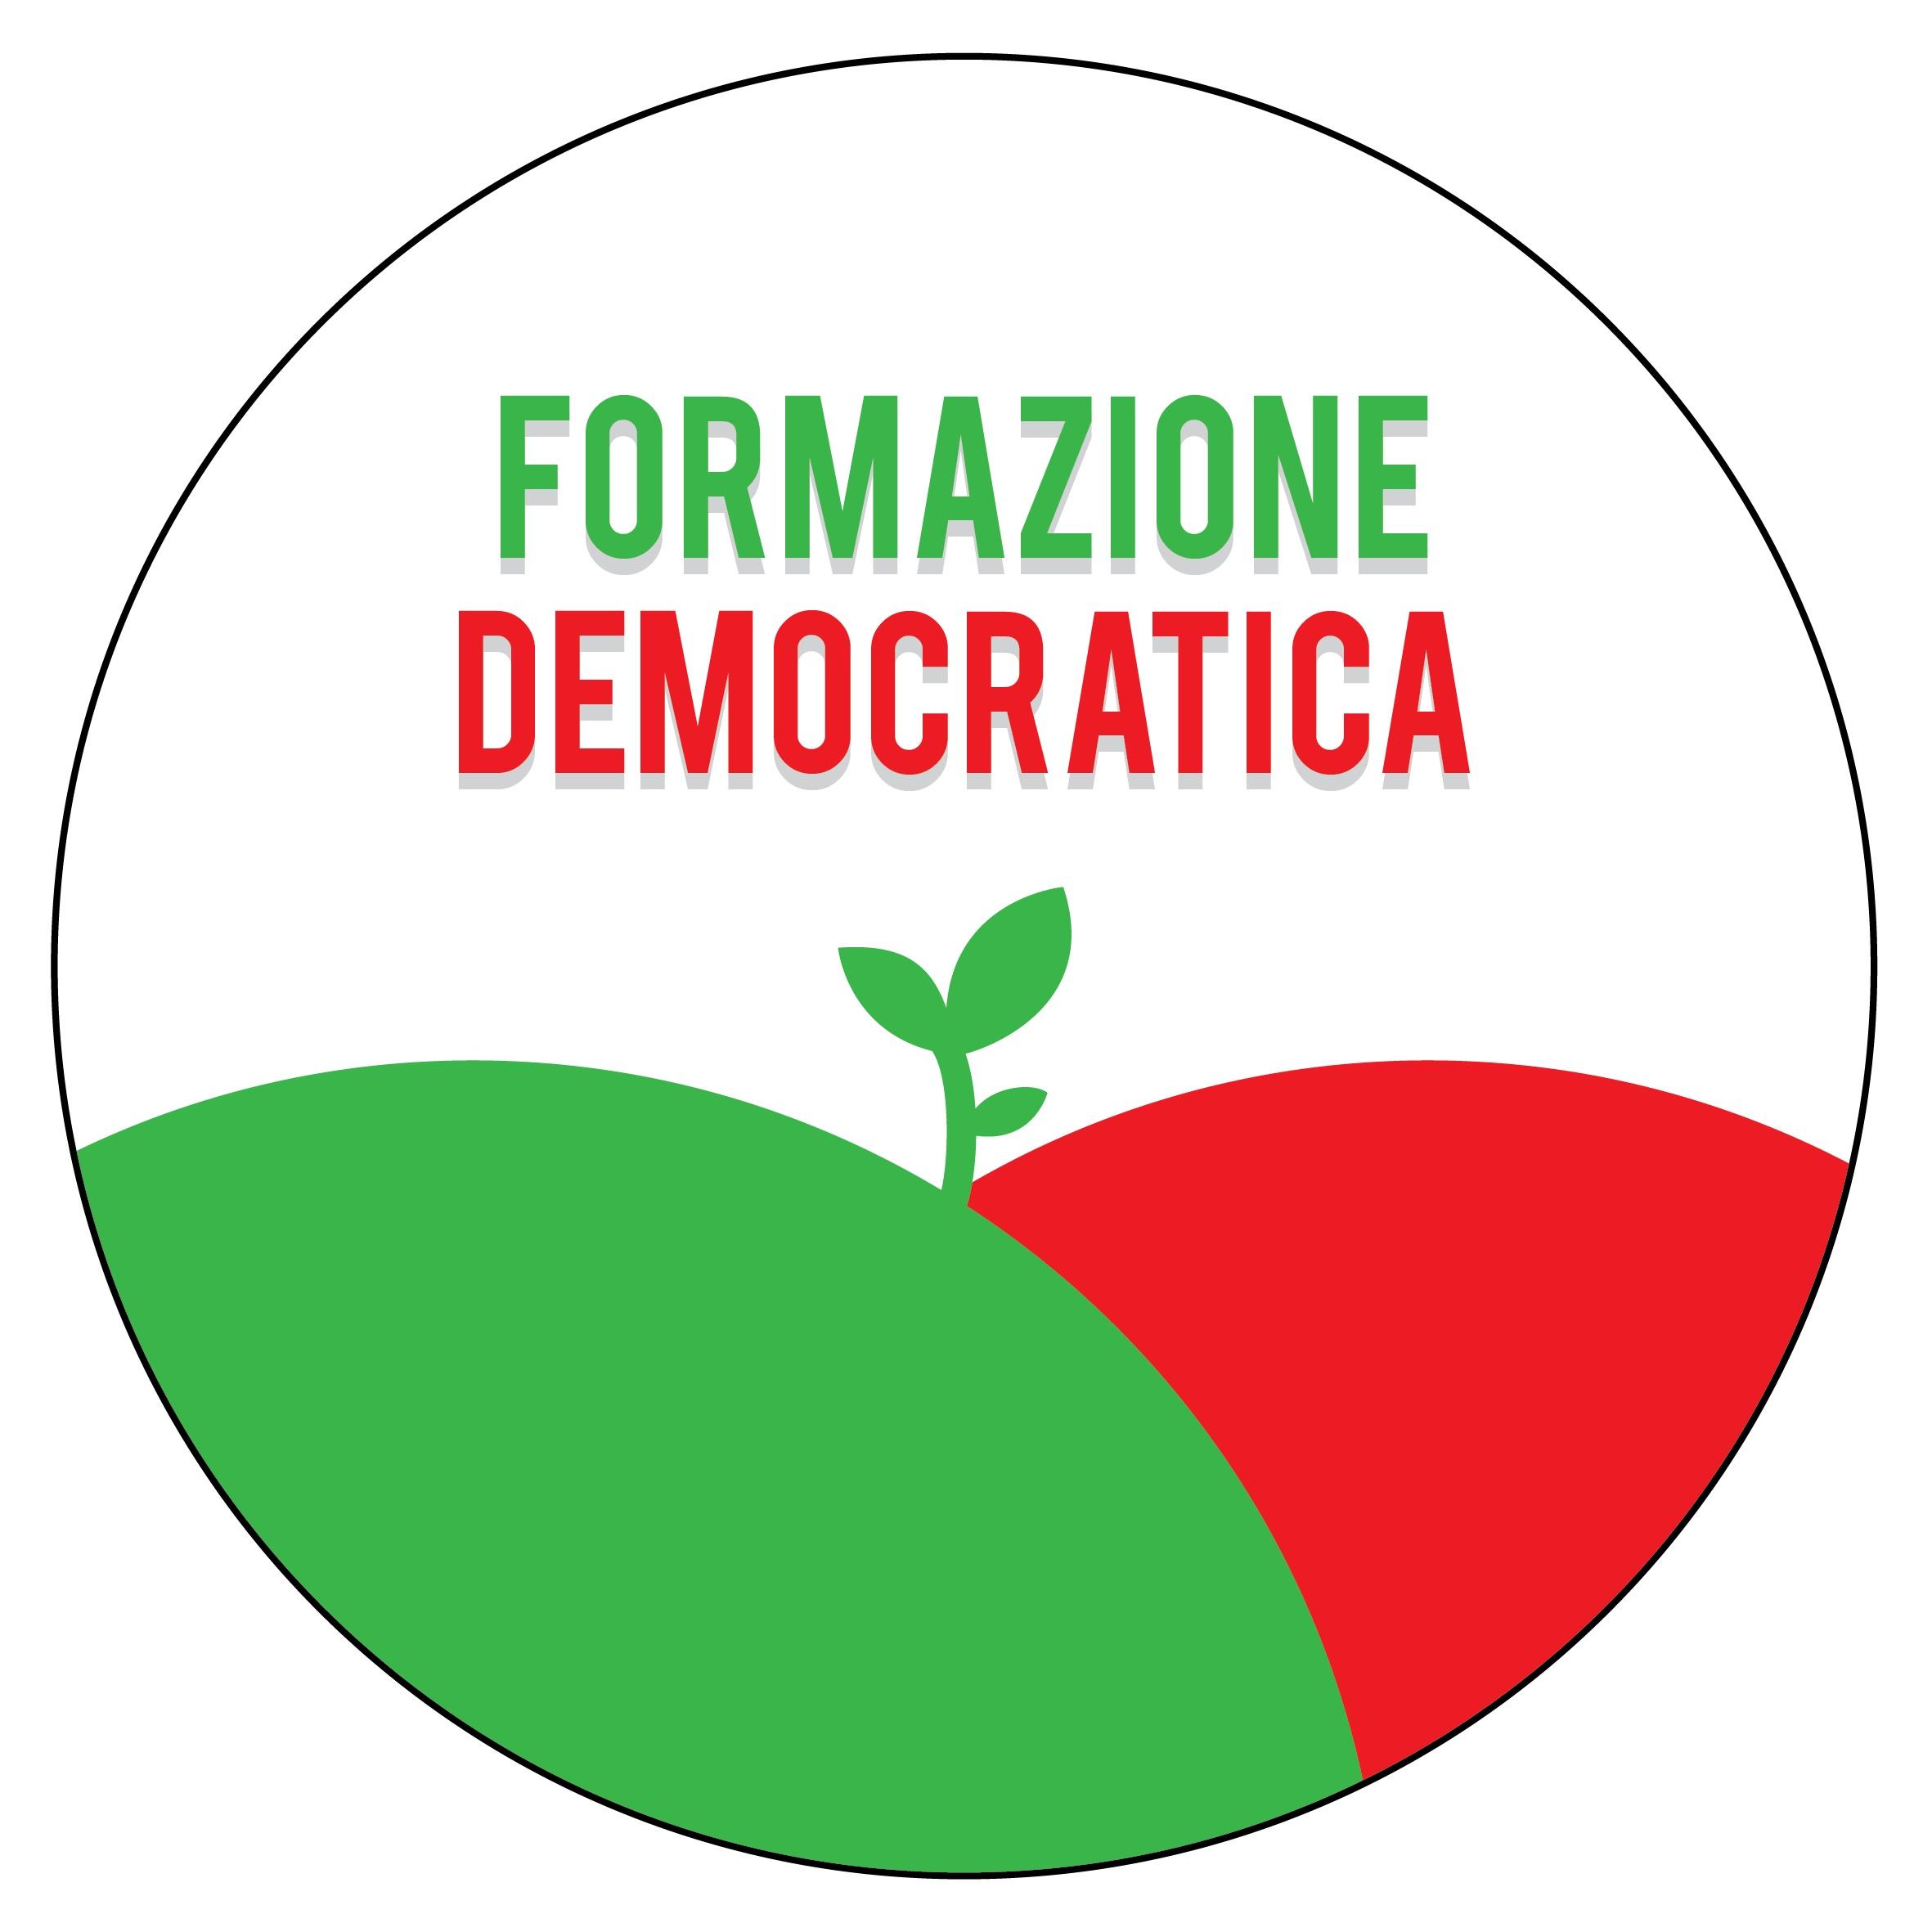 logo formazione democratica-01-3